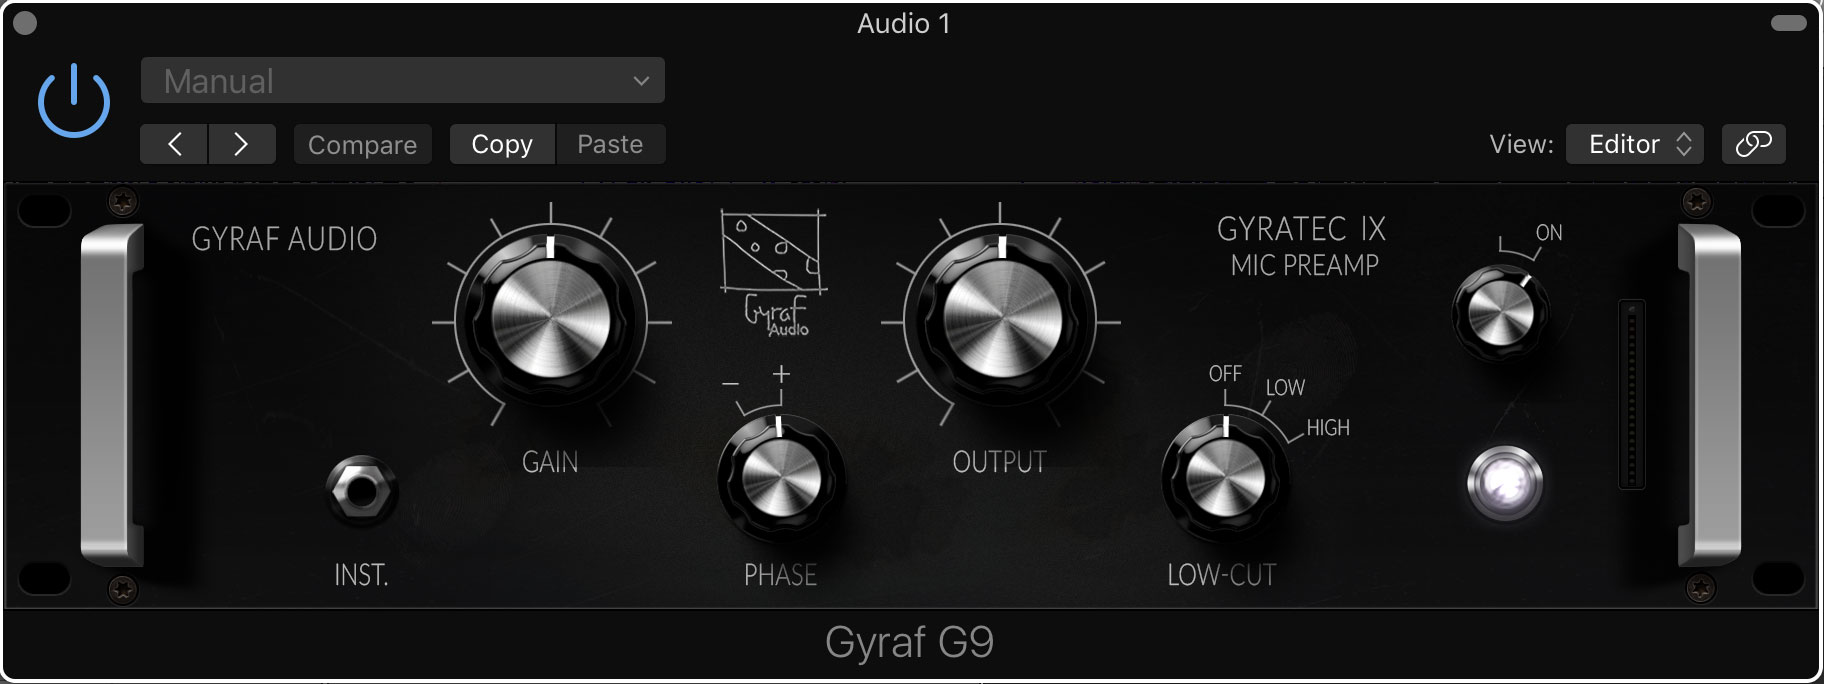 Gyratex g9